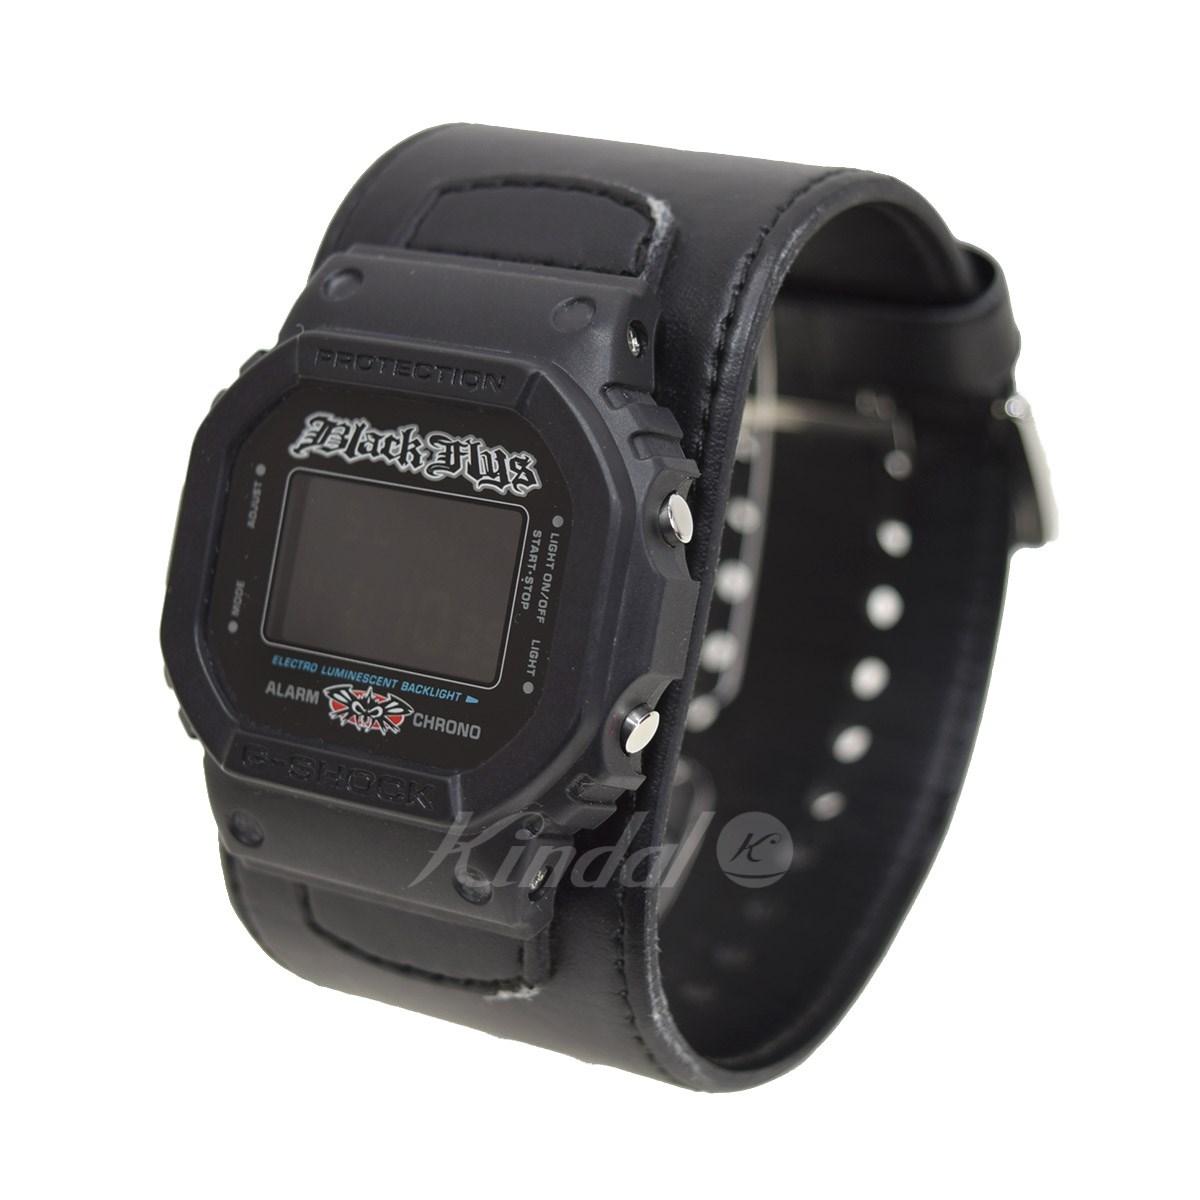 【中古】CASIO ×BlackFlys ブラックフライズ G-SHOCK 腕時計 DW-5600VTBFLY ブラック サイズ:- 【送料無料】 【150118】(カシオ)